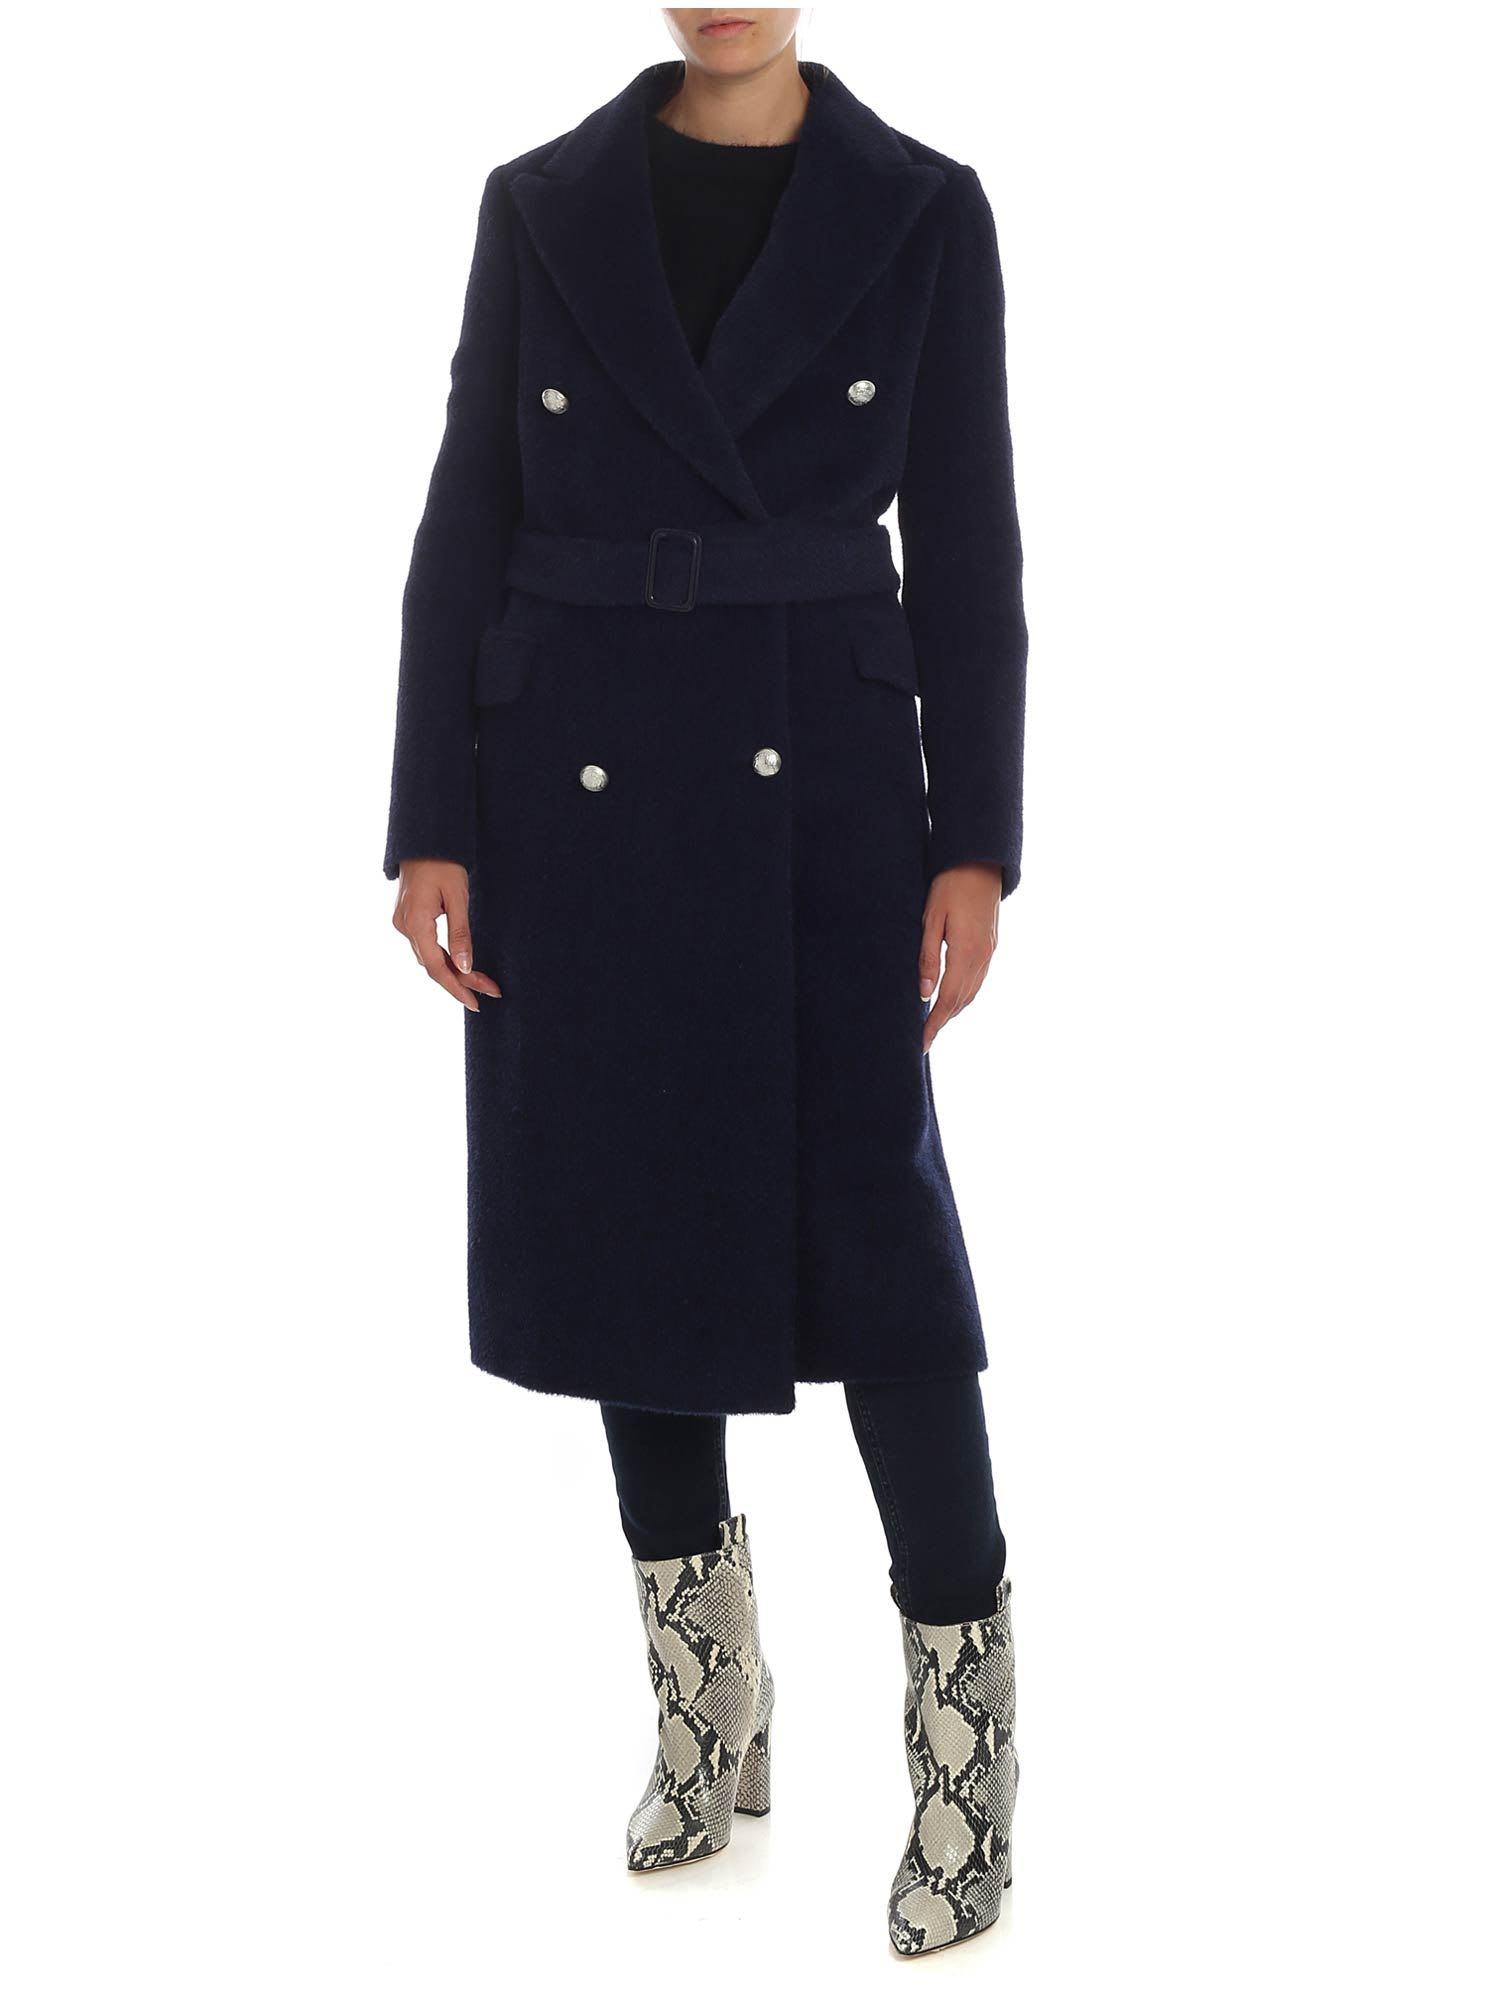 Tagliatore – Jole Coat